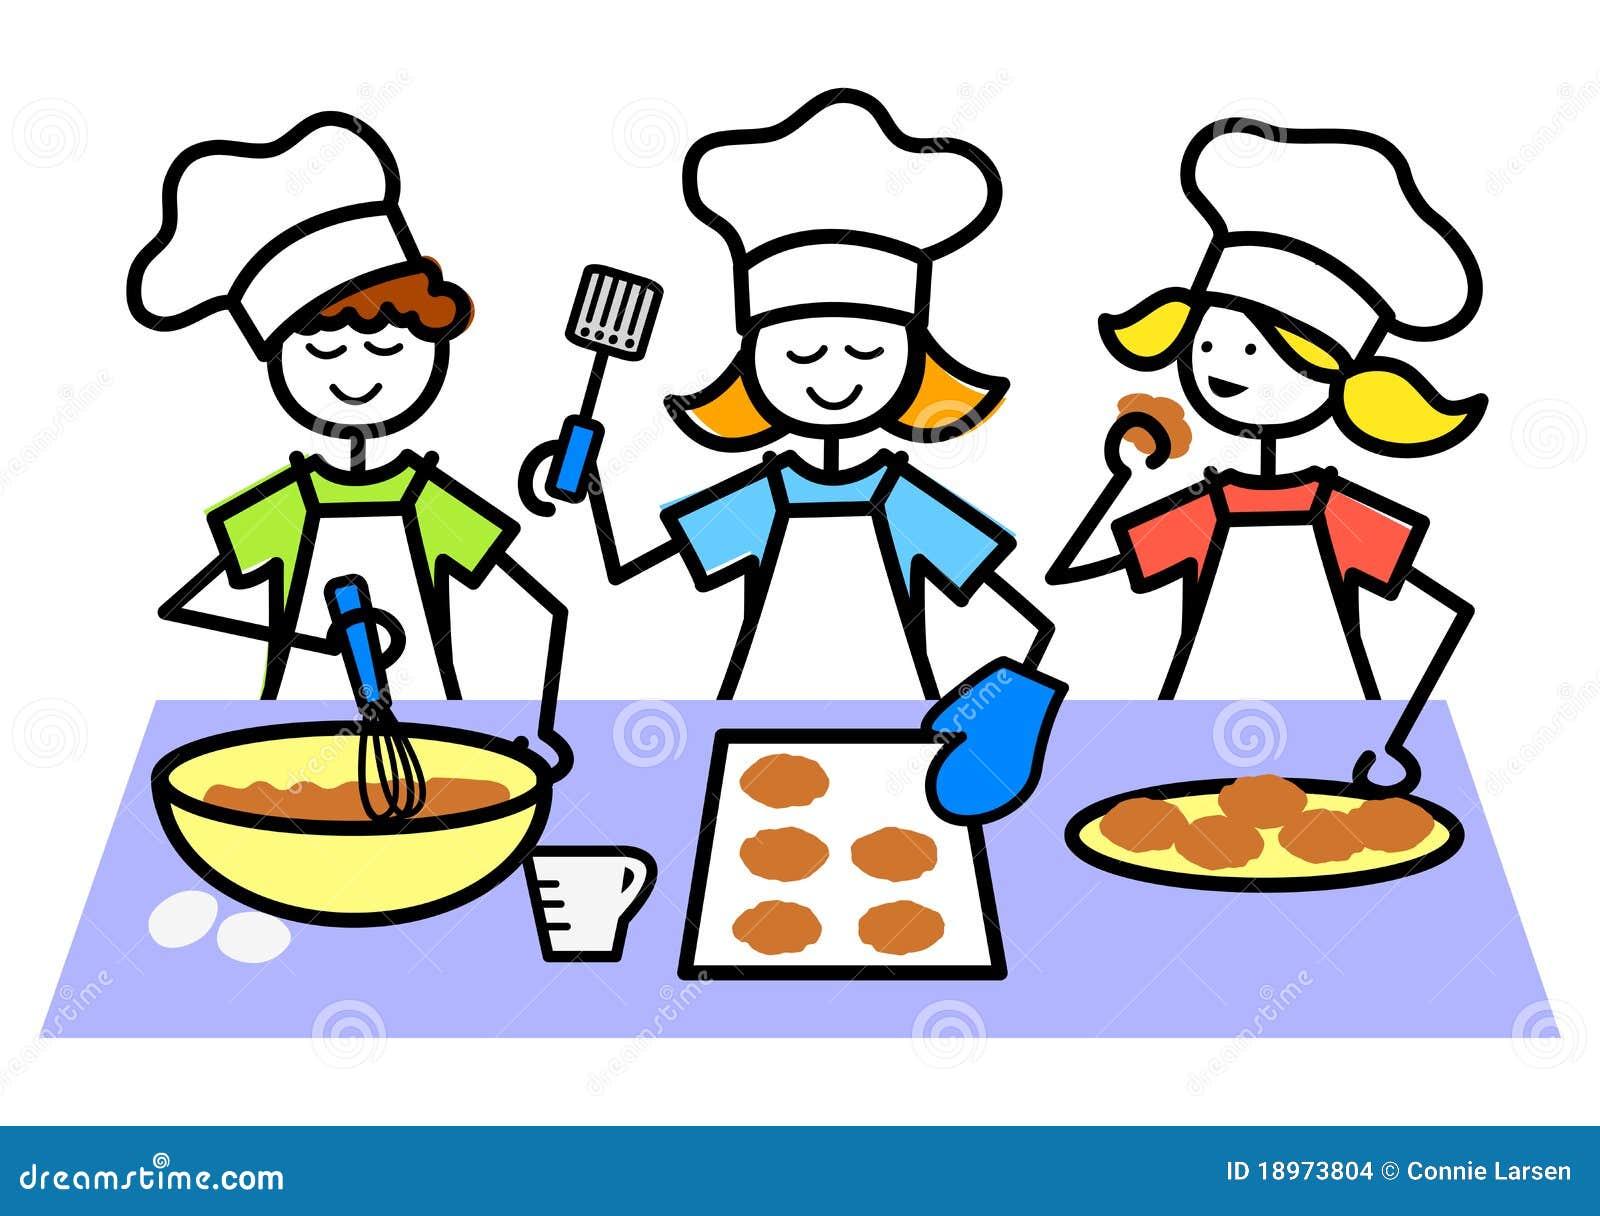 cartoon kids baking cookies  eps stock vector cook clip art borders cook clip art borders